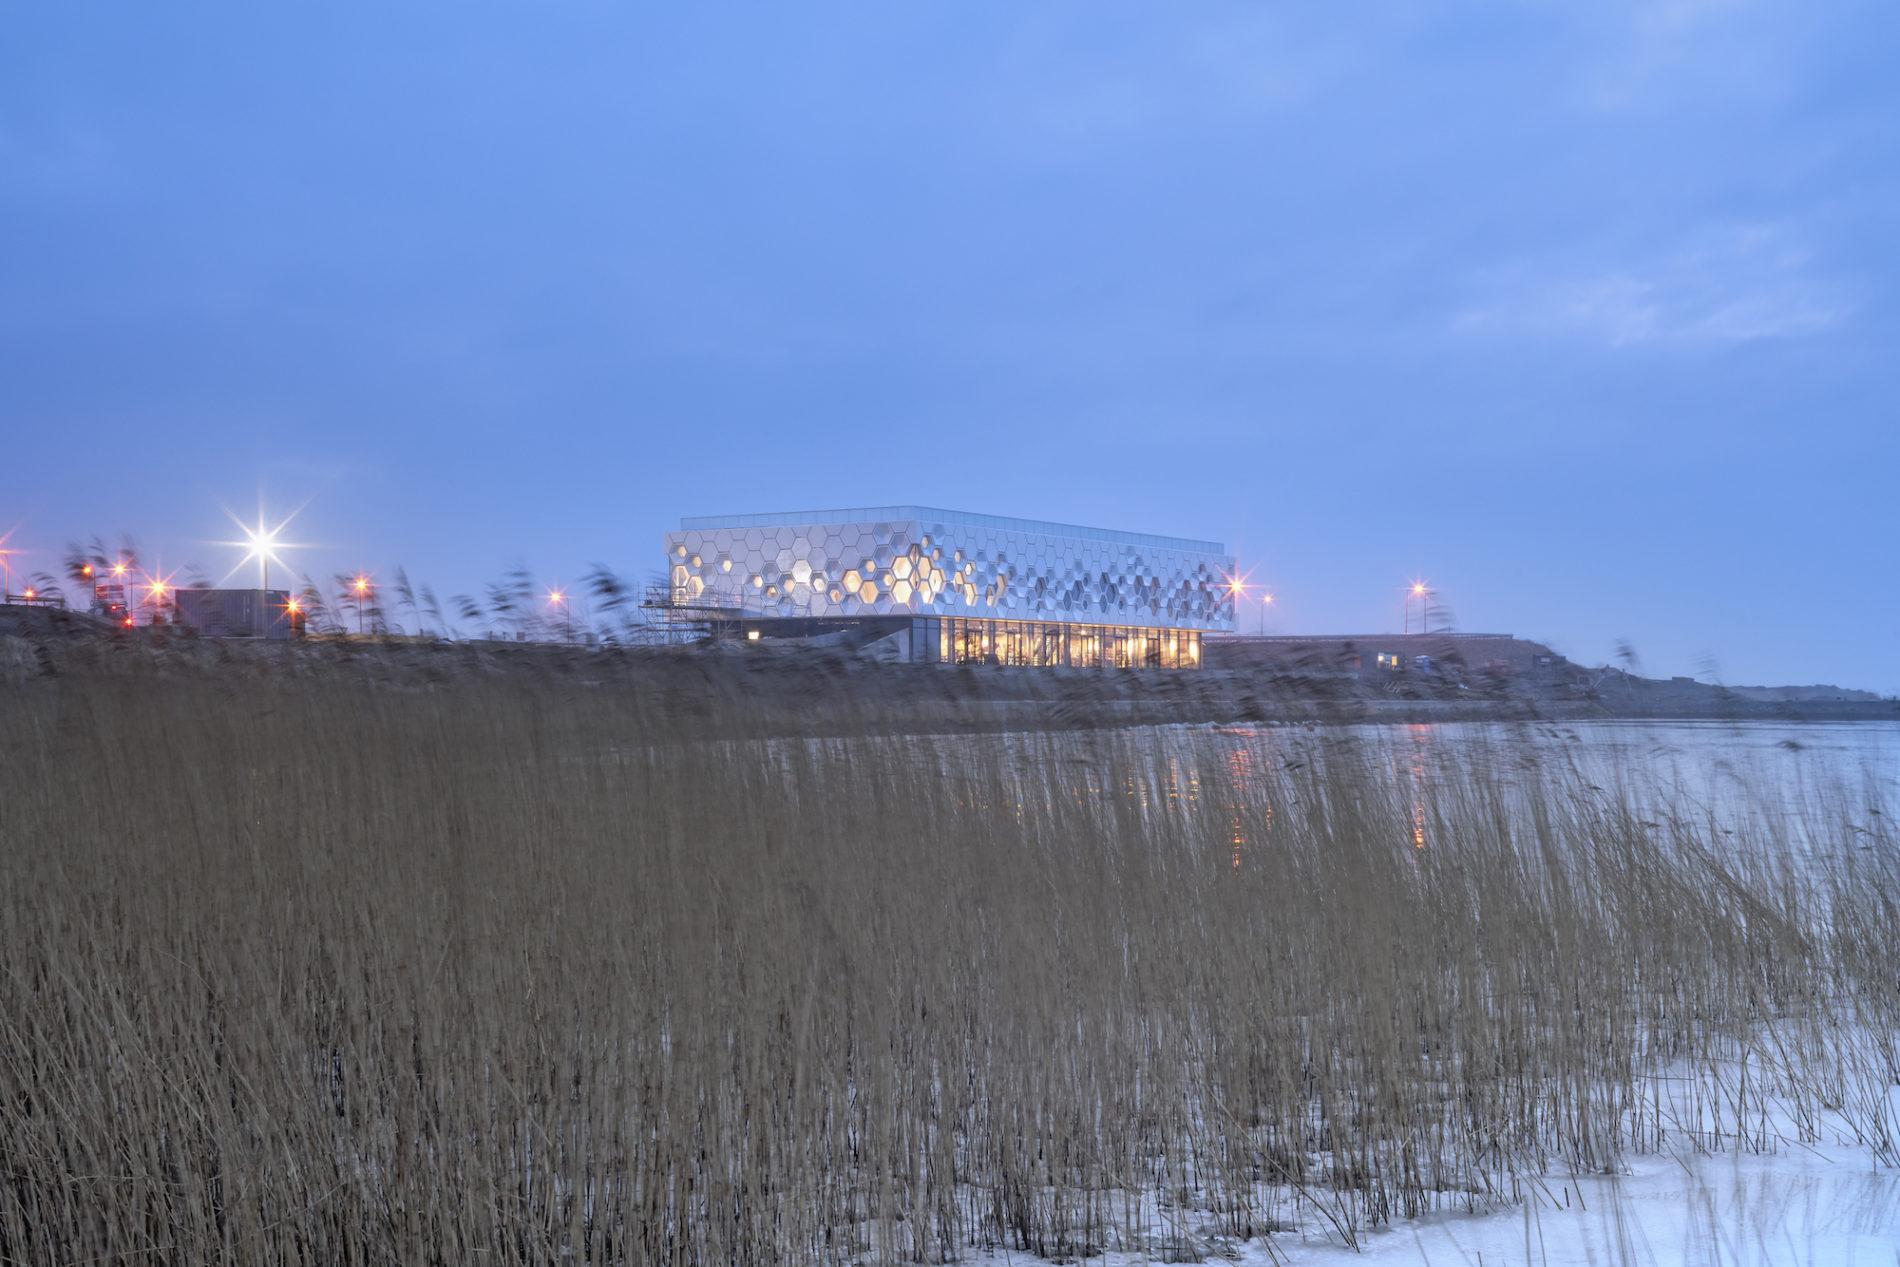 Afsluitdijk wadden center beleefcentrum GEAR Fotograaf Gerard van Beek